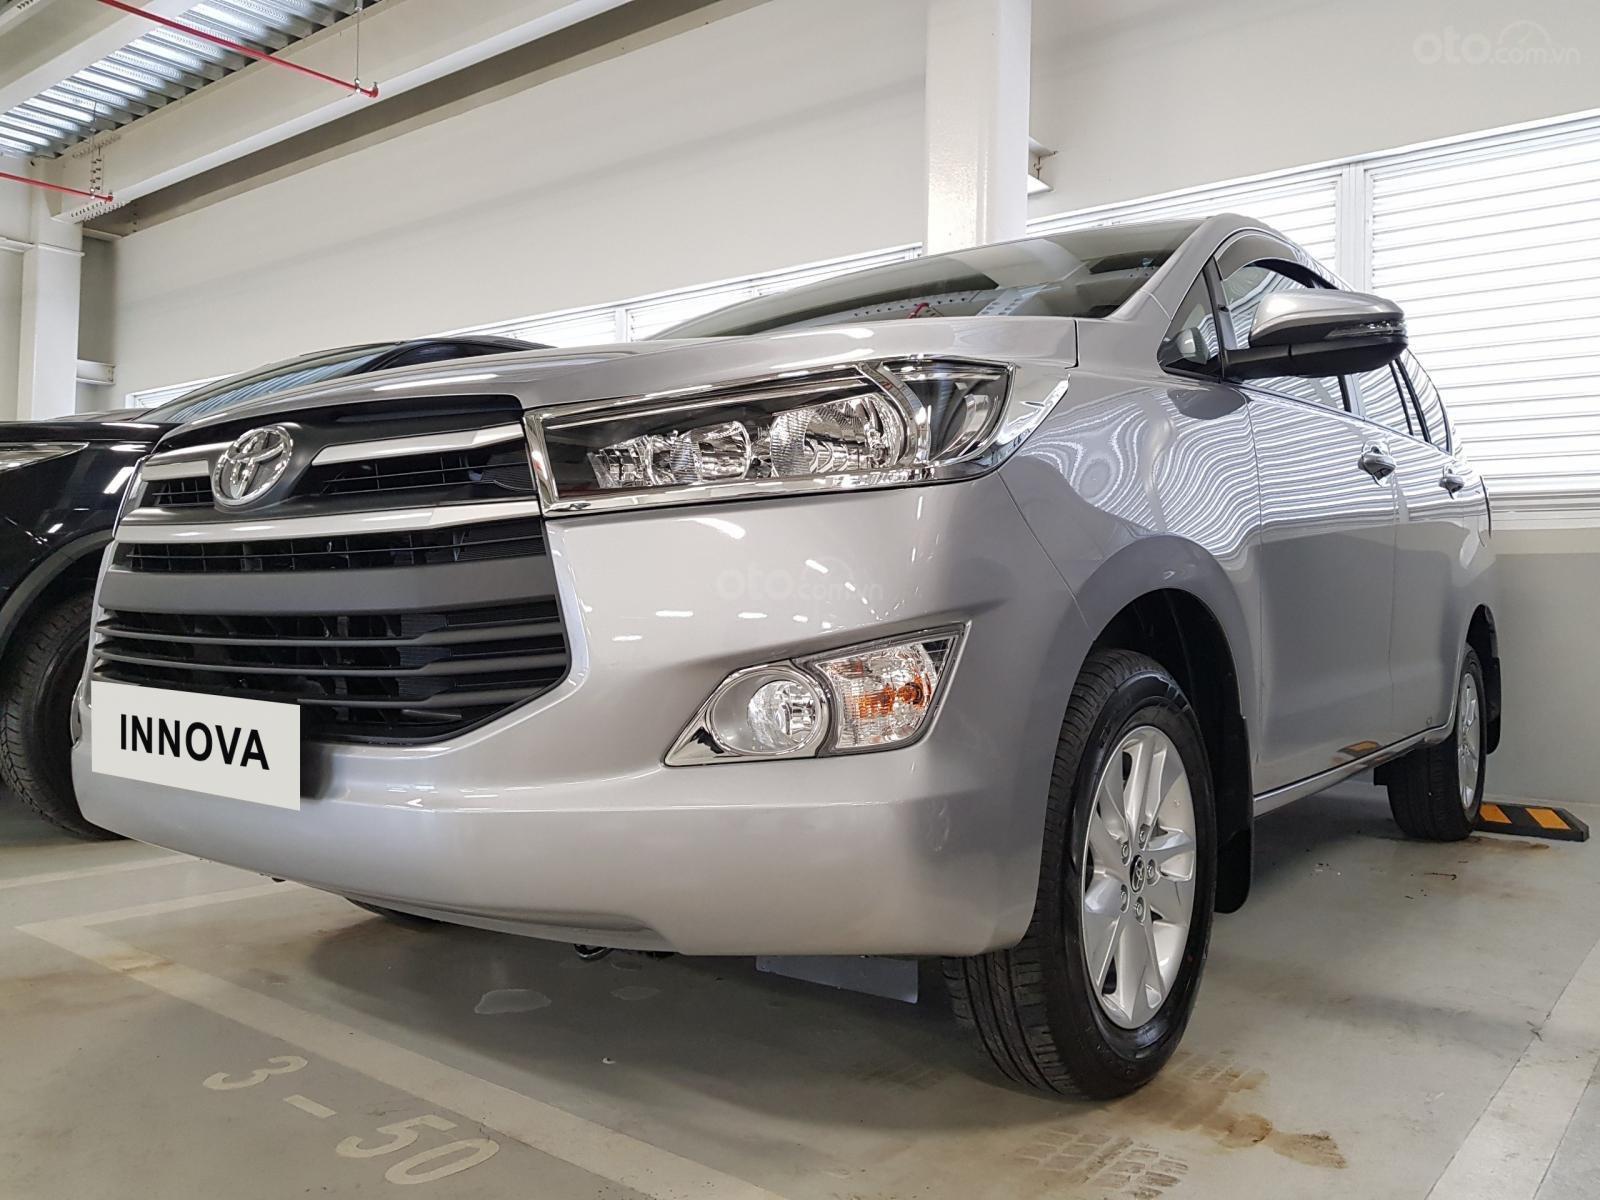 Toyota Innova E 2020 - Đại lý cấp 1- Đập thùng 142tr + phí lấy xe, vay 80% góp lãi thấp (9)